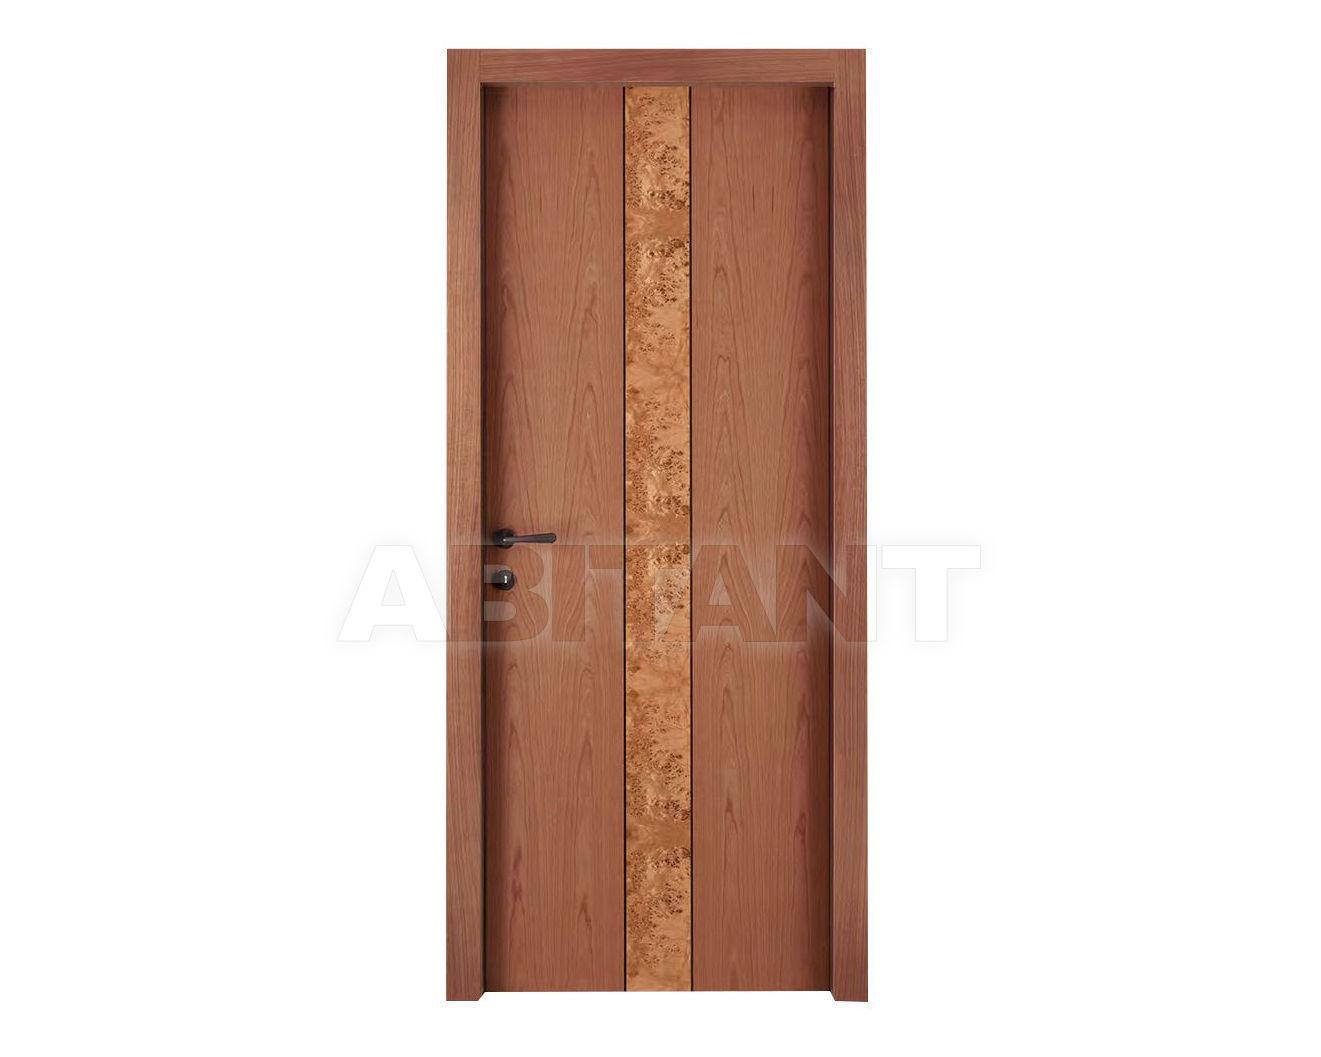 Купить Дверь деревянная Fioravazzi Lisce ALICE